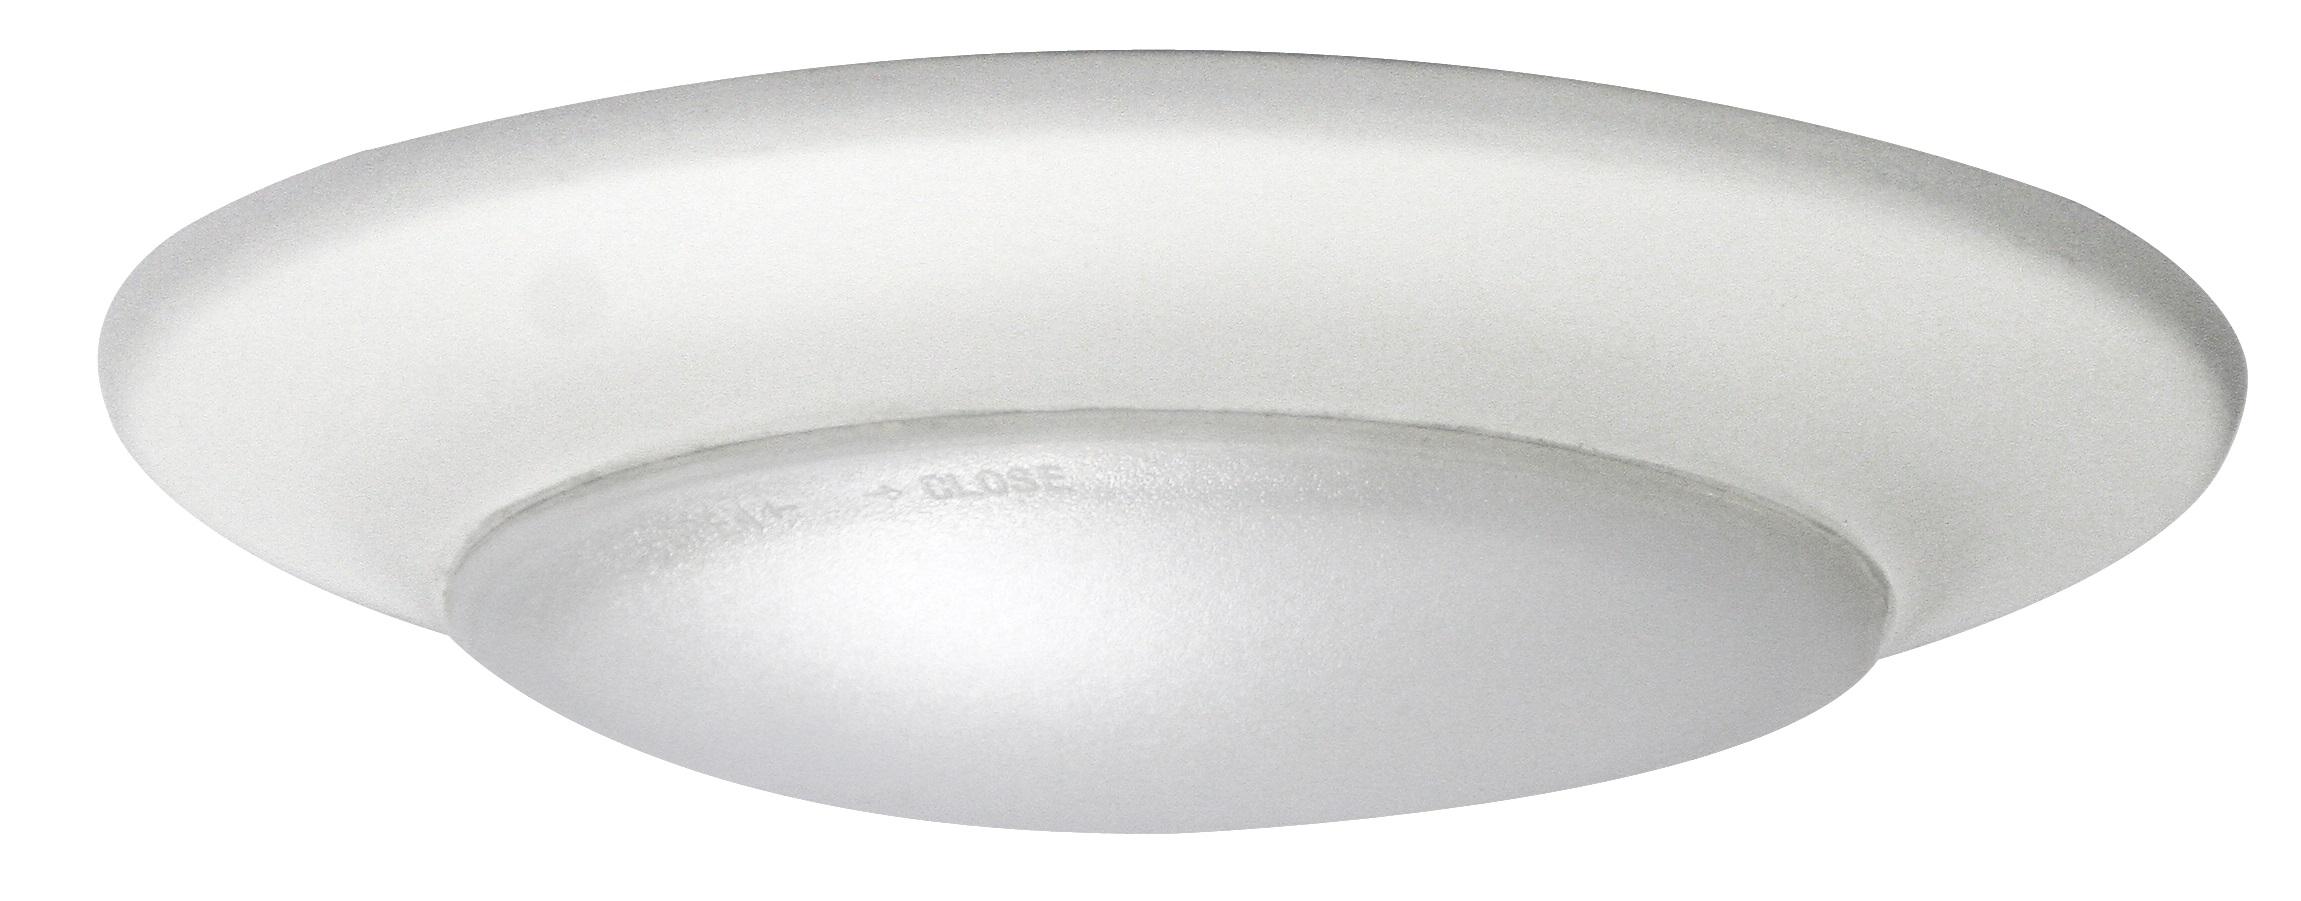 LED J-Box Low Profile Disk | 92 CRI